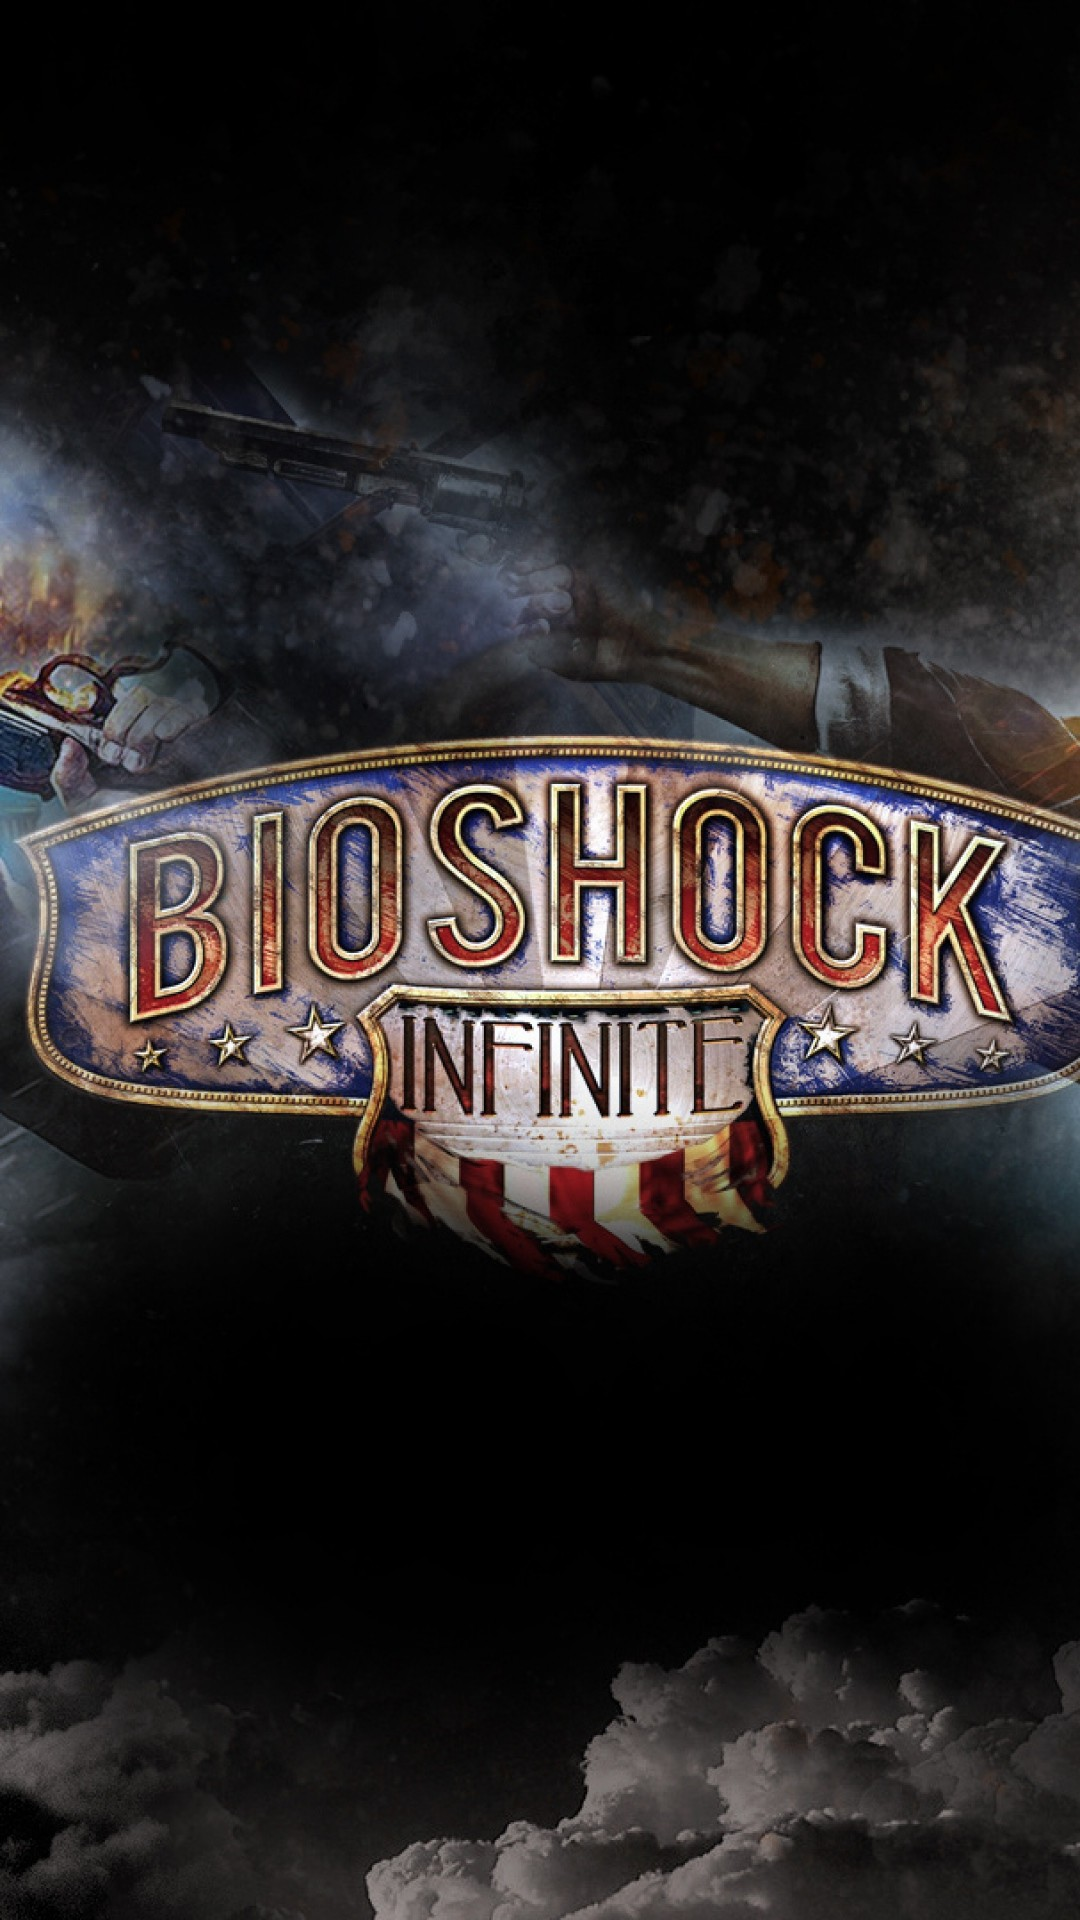 HD Bioshock Infinite iPhone Wallpaper | PixelsTalk.Net